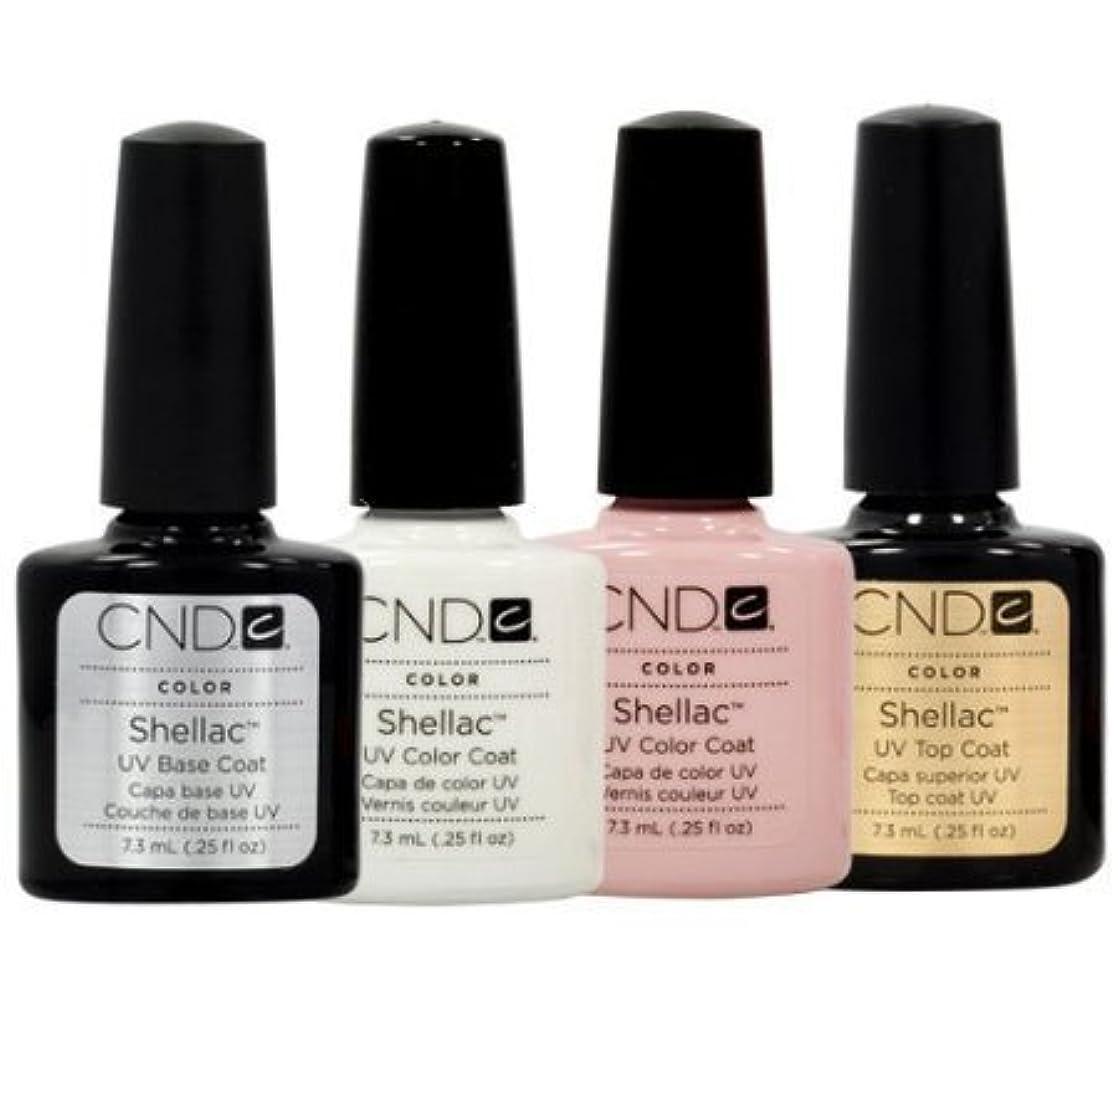 ハーネス支配的おかしいCND Shellac French Manicure Kit Base Top Coat Color White Pink Nail Polish Gel by CND - Creative Nail Design [並行輸入品]